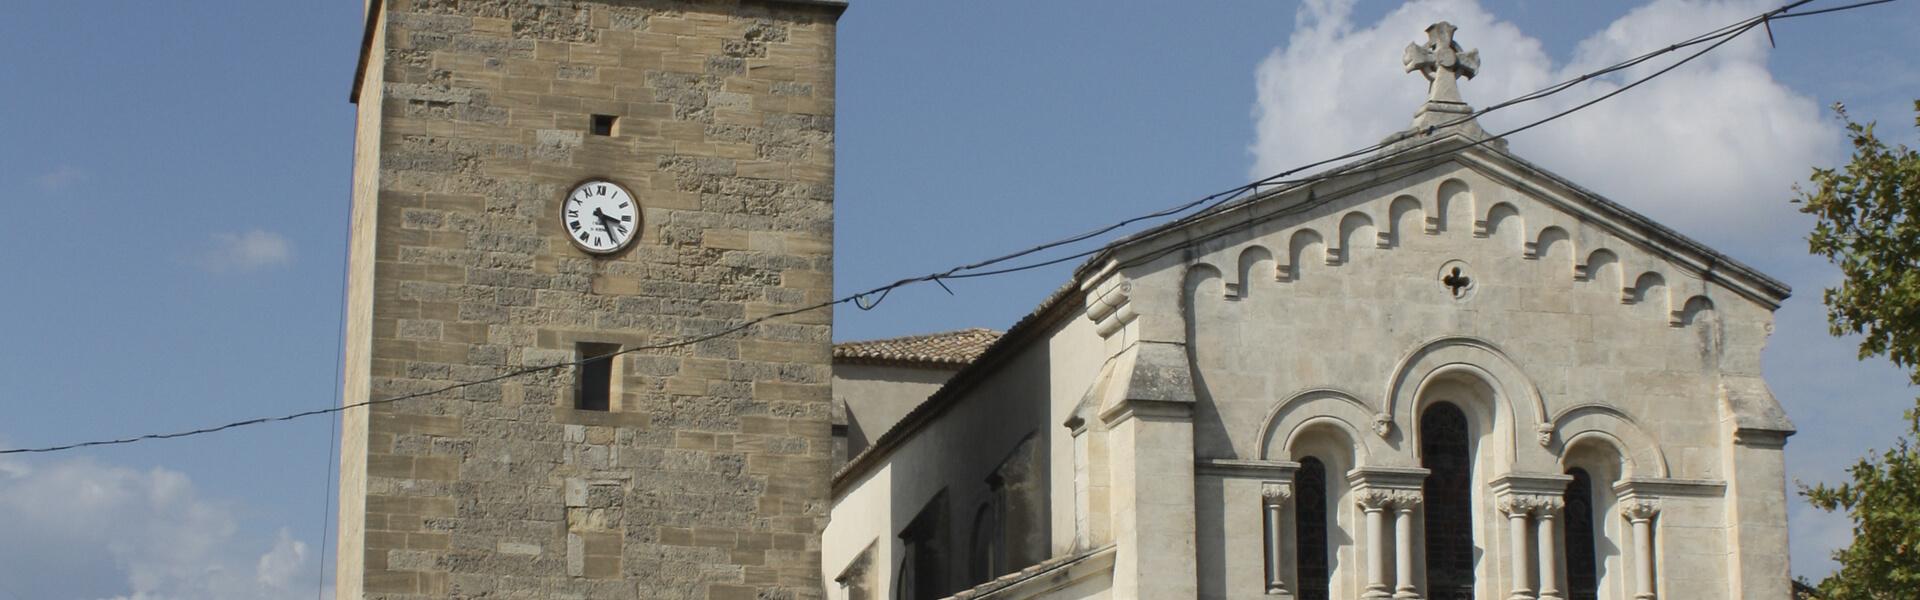 Eglise Saint Jacques de Fabrègues